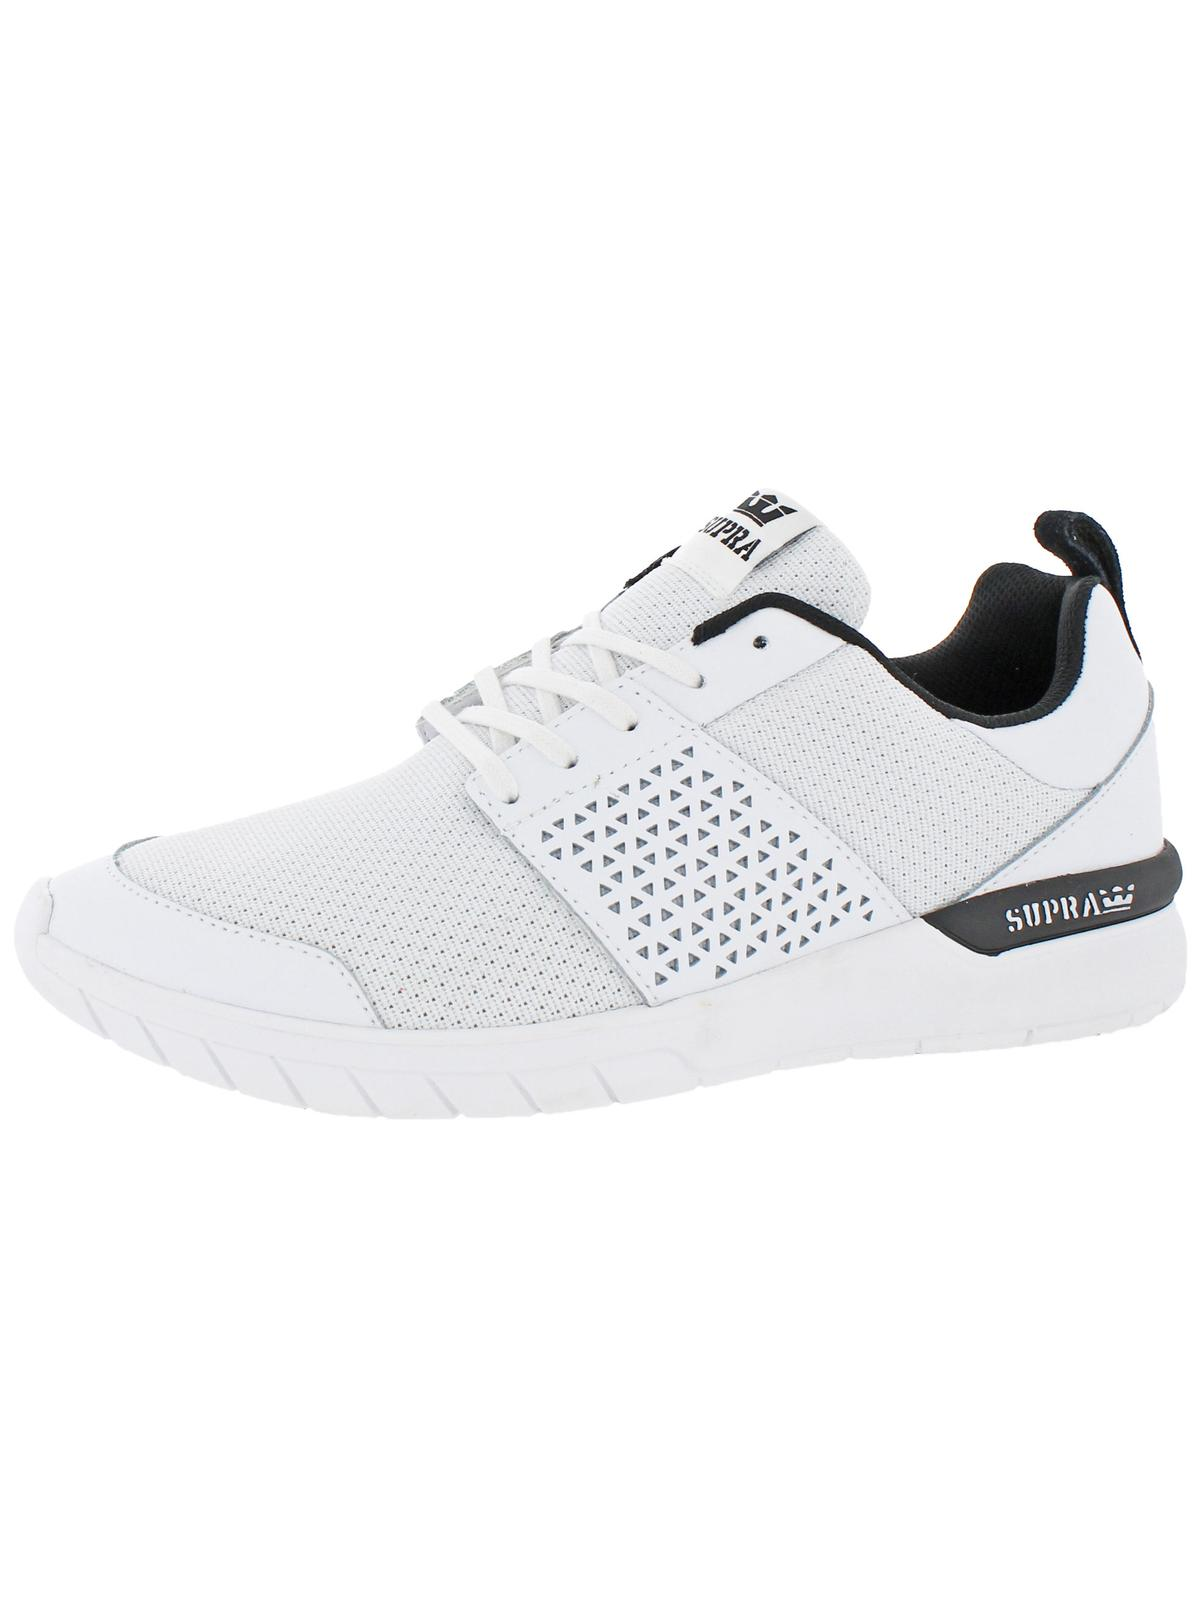 Supra Mens Scissor Running SupraFoam Skate Shoes White 10 Medium (D)